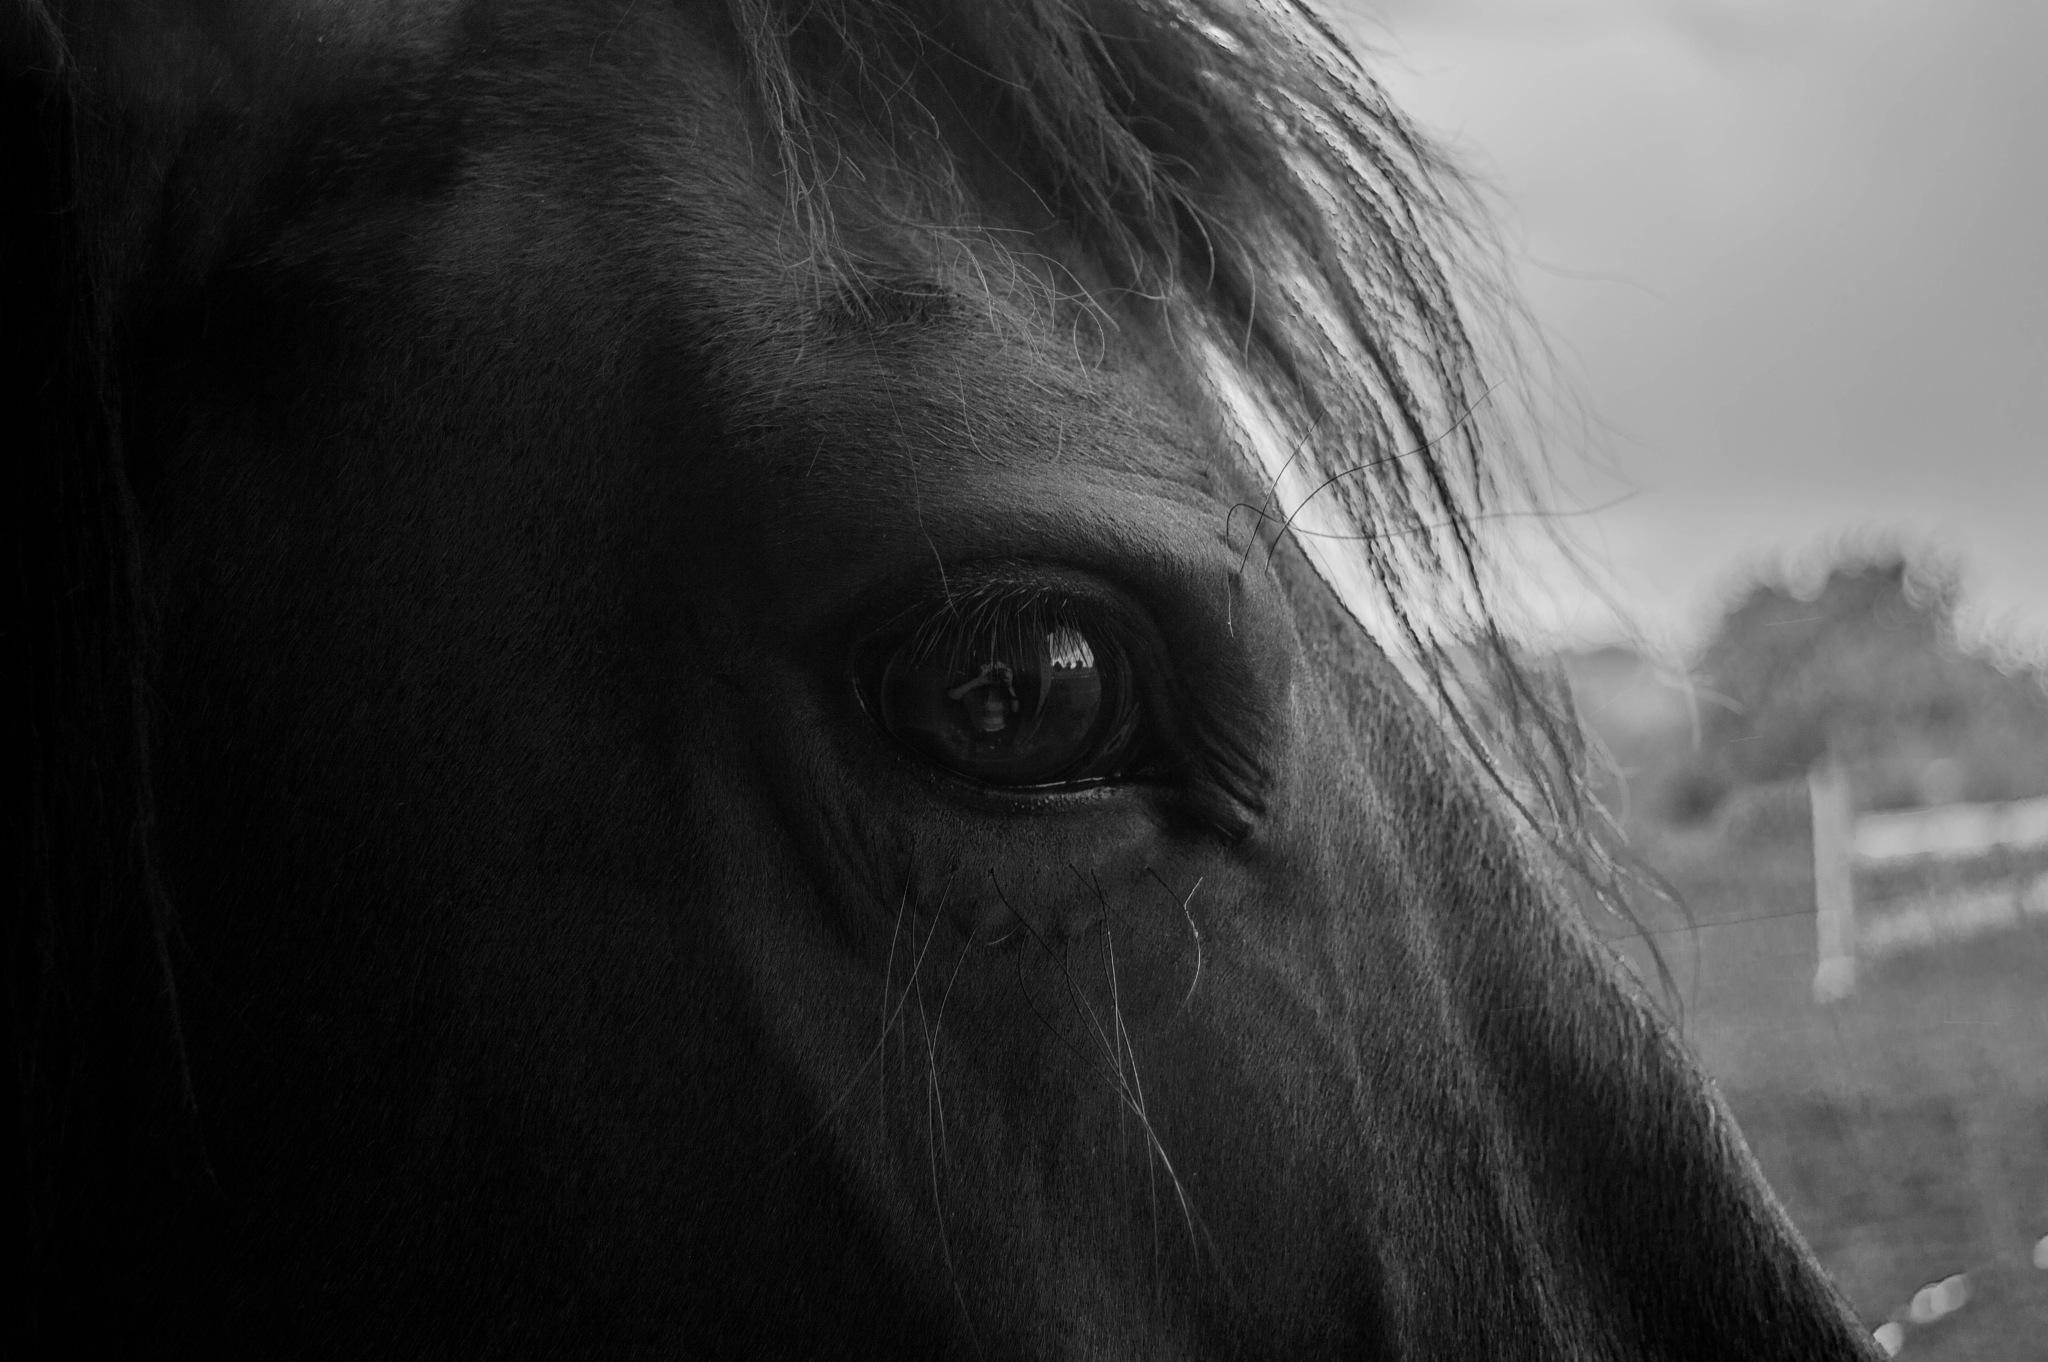 Reflection in the eye by Milenka Derumeaux